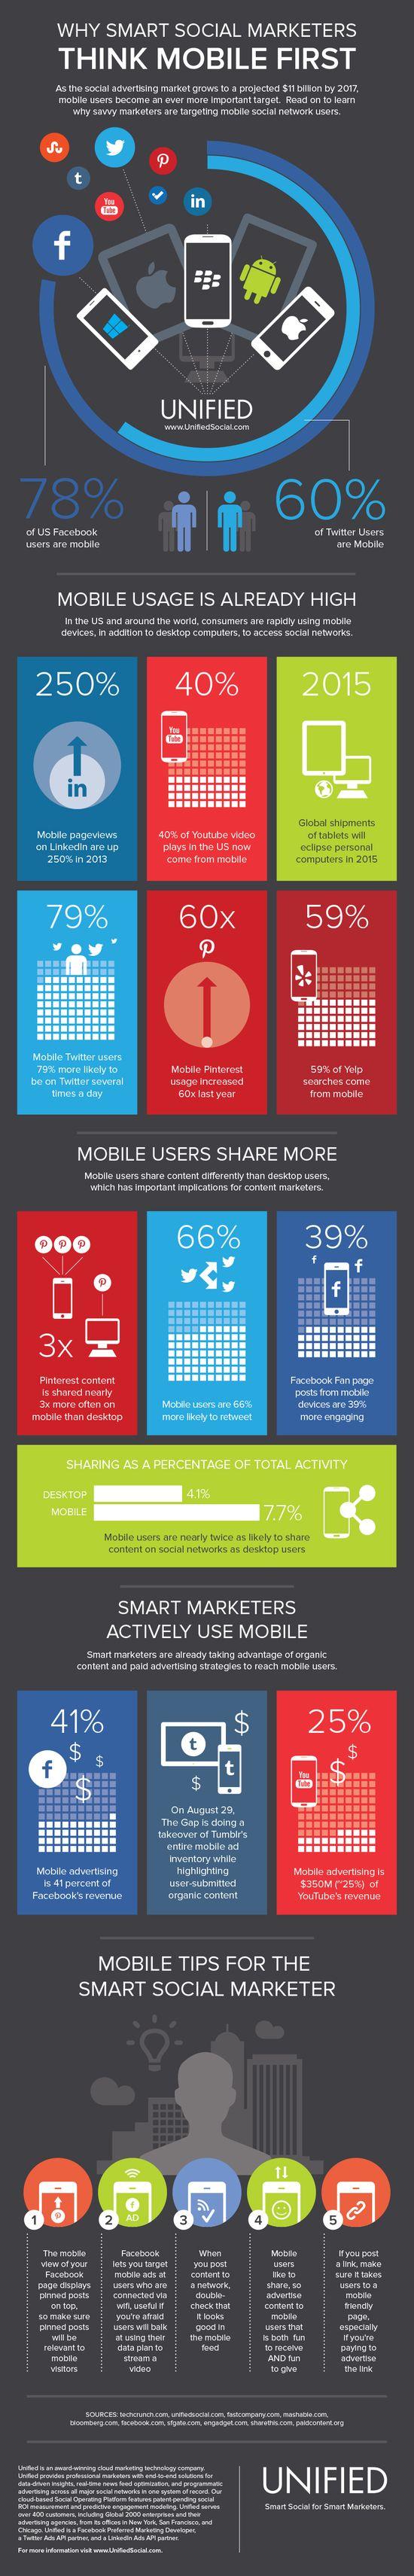 [Infographie] Les réseaux sociaux et le mobile first - #socialmedia #smo